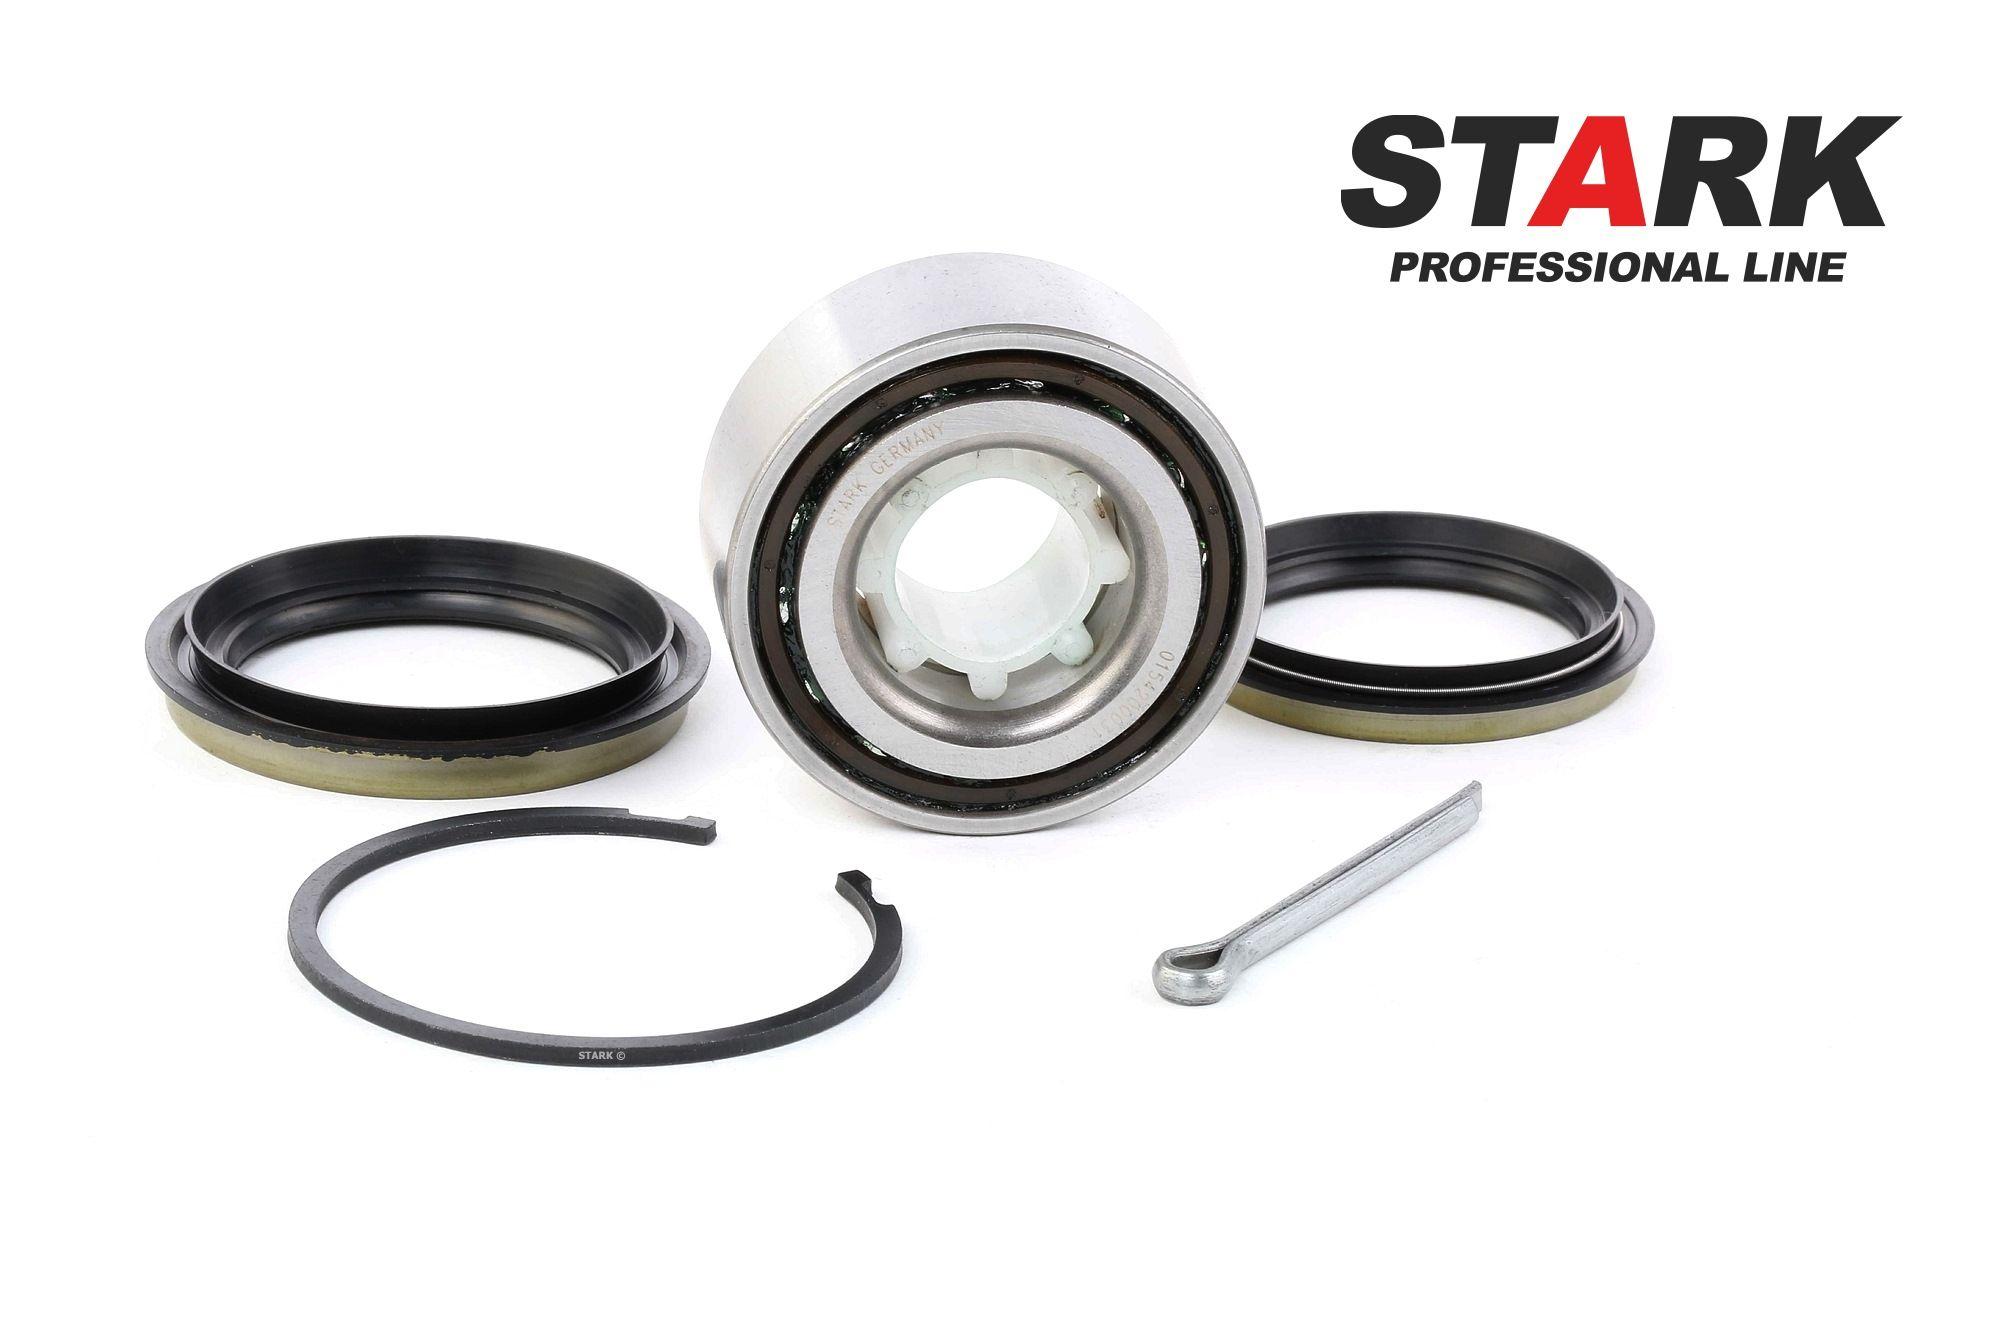 Hjullager SKWB-0180198 som är helt STARK otroligt kostnadseffektivt